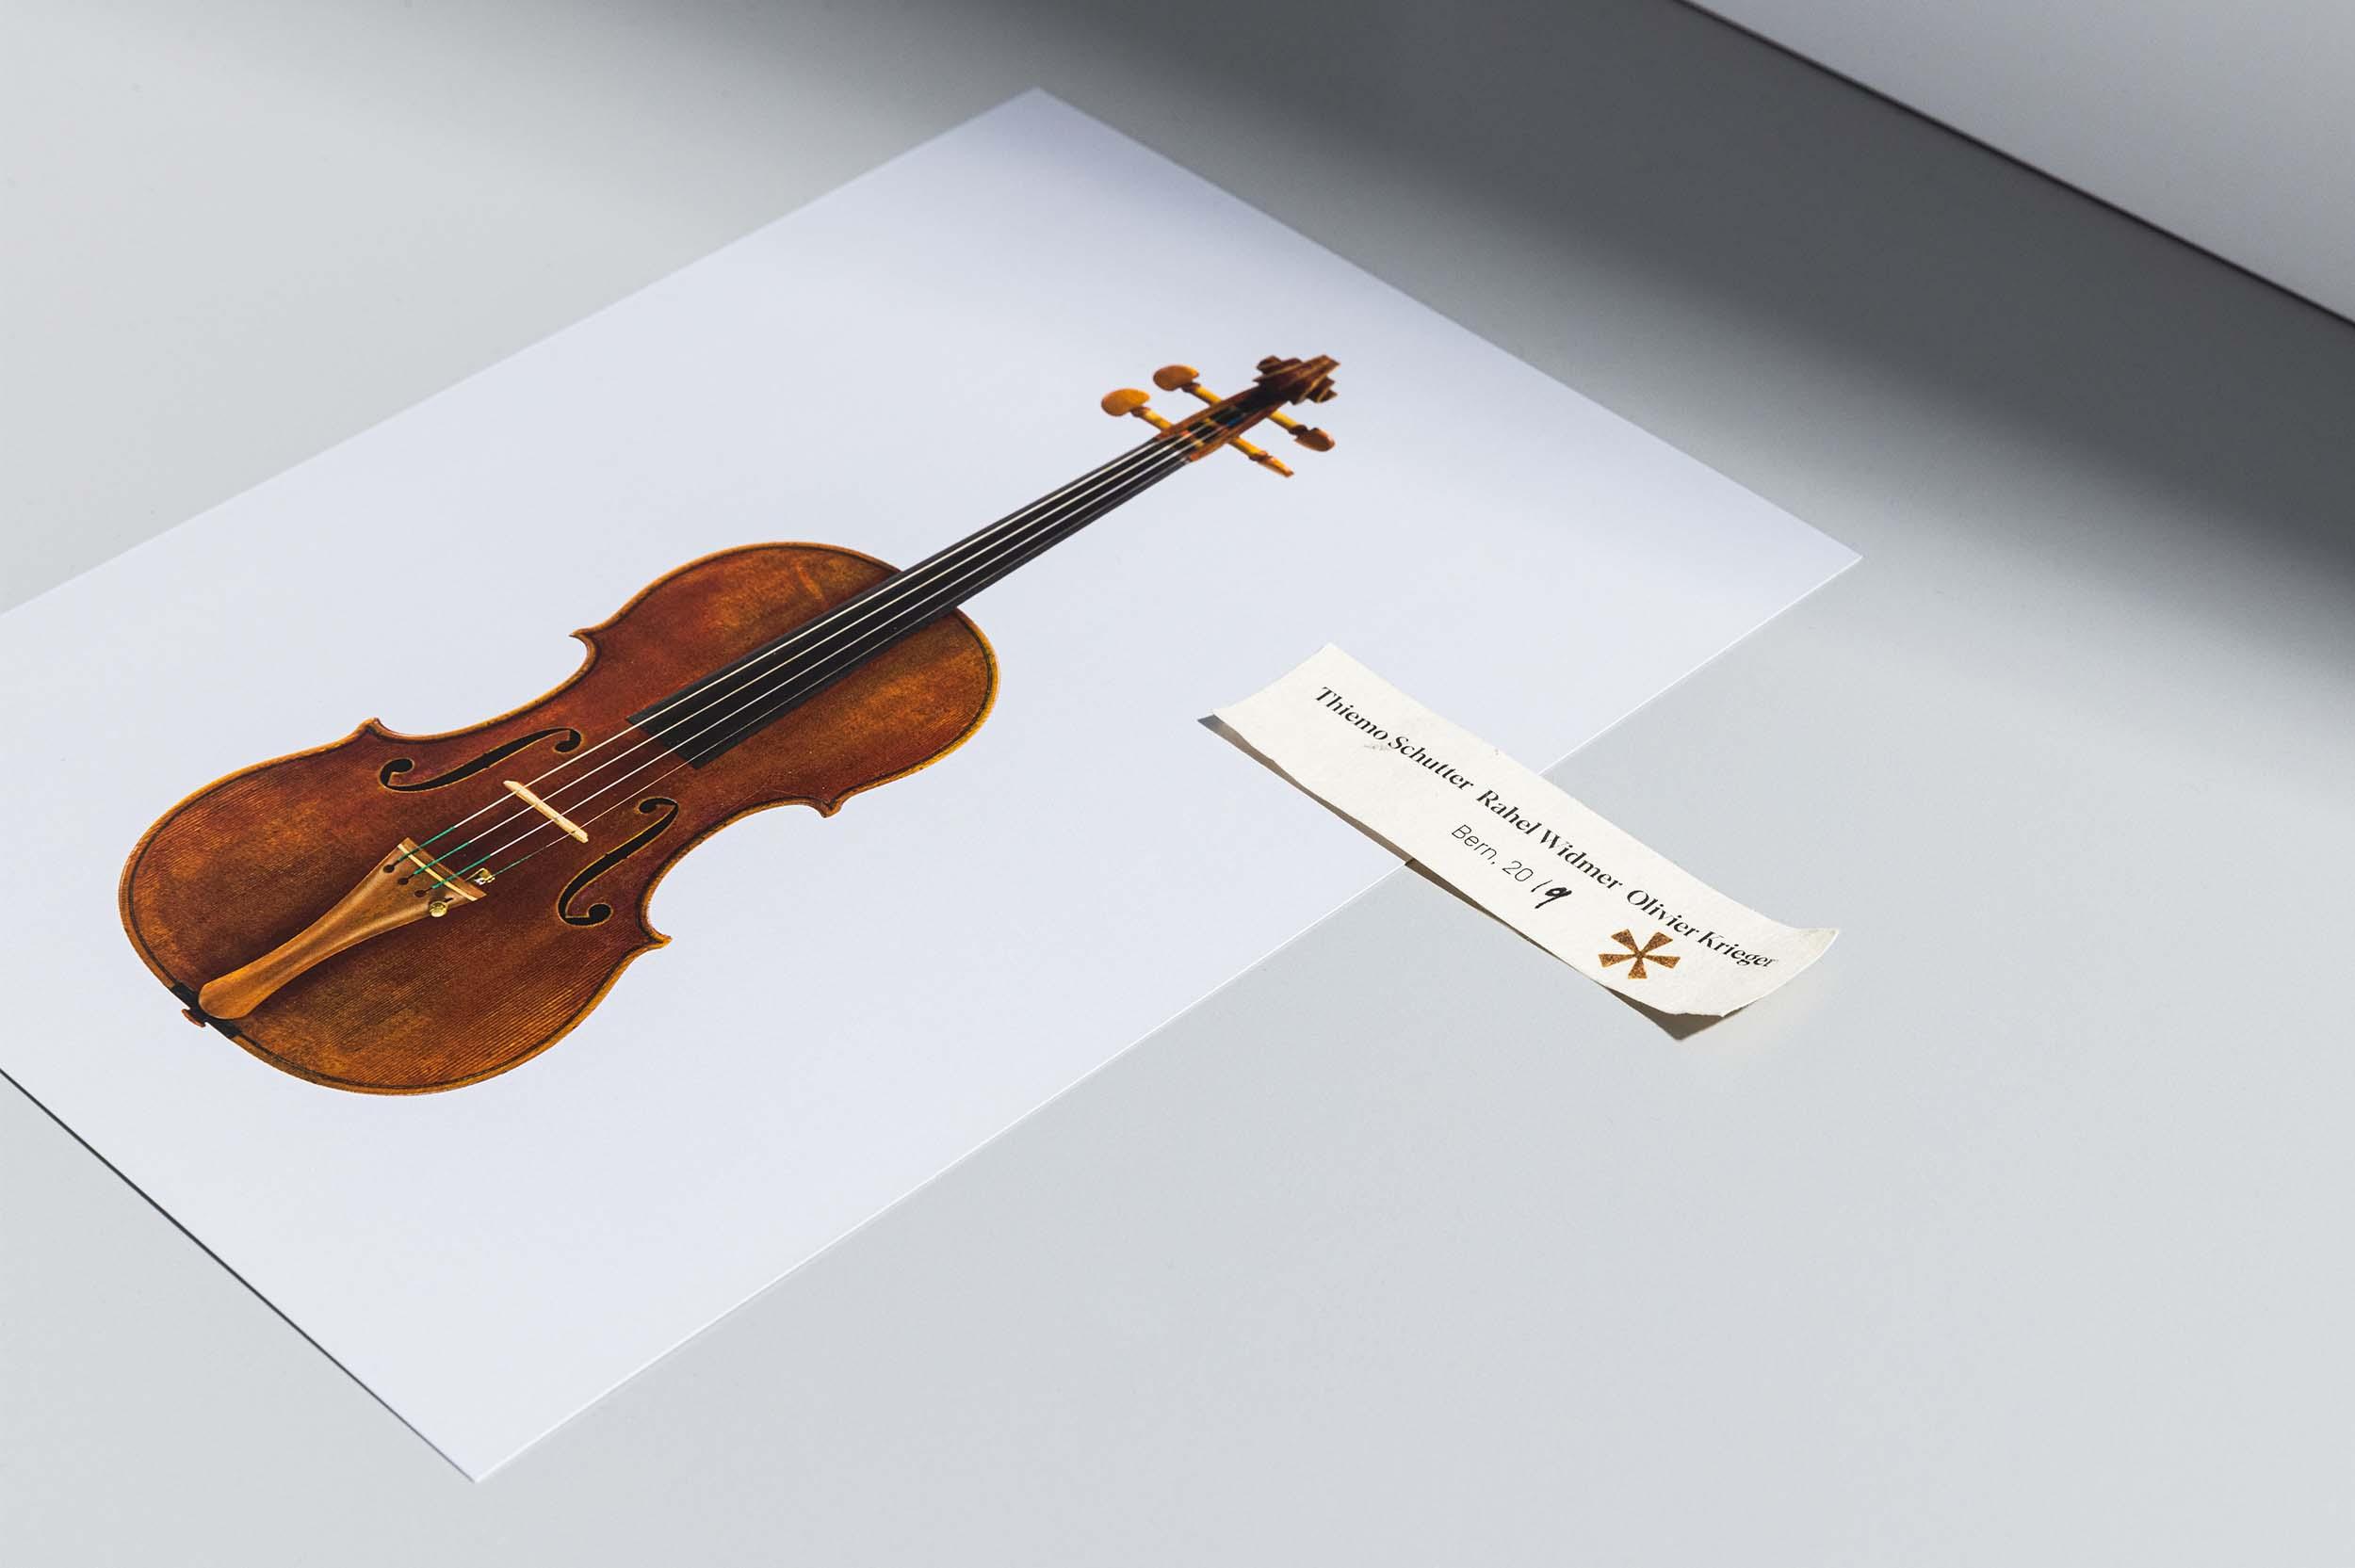 Instrumentenzettel mit eingebranntem Sternsymbol (Asterisk) und Postkarte mit Sujet einer Geige, liegend auf grauem Hintergrund